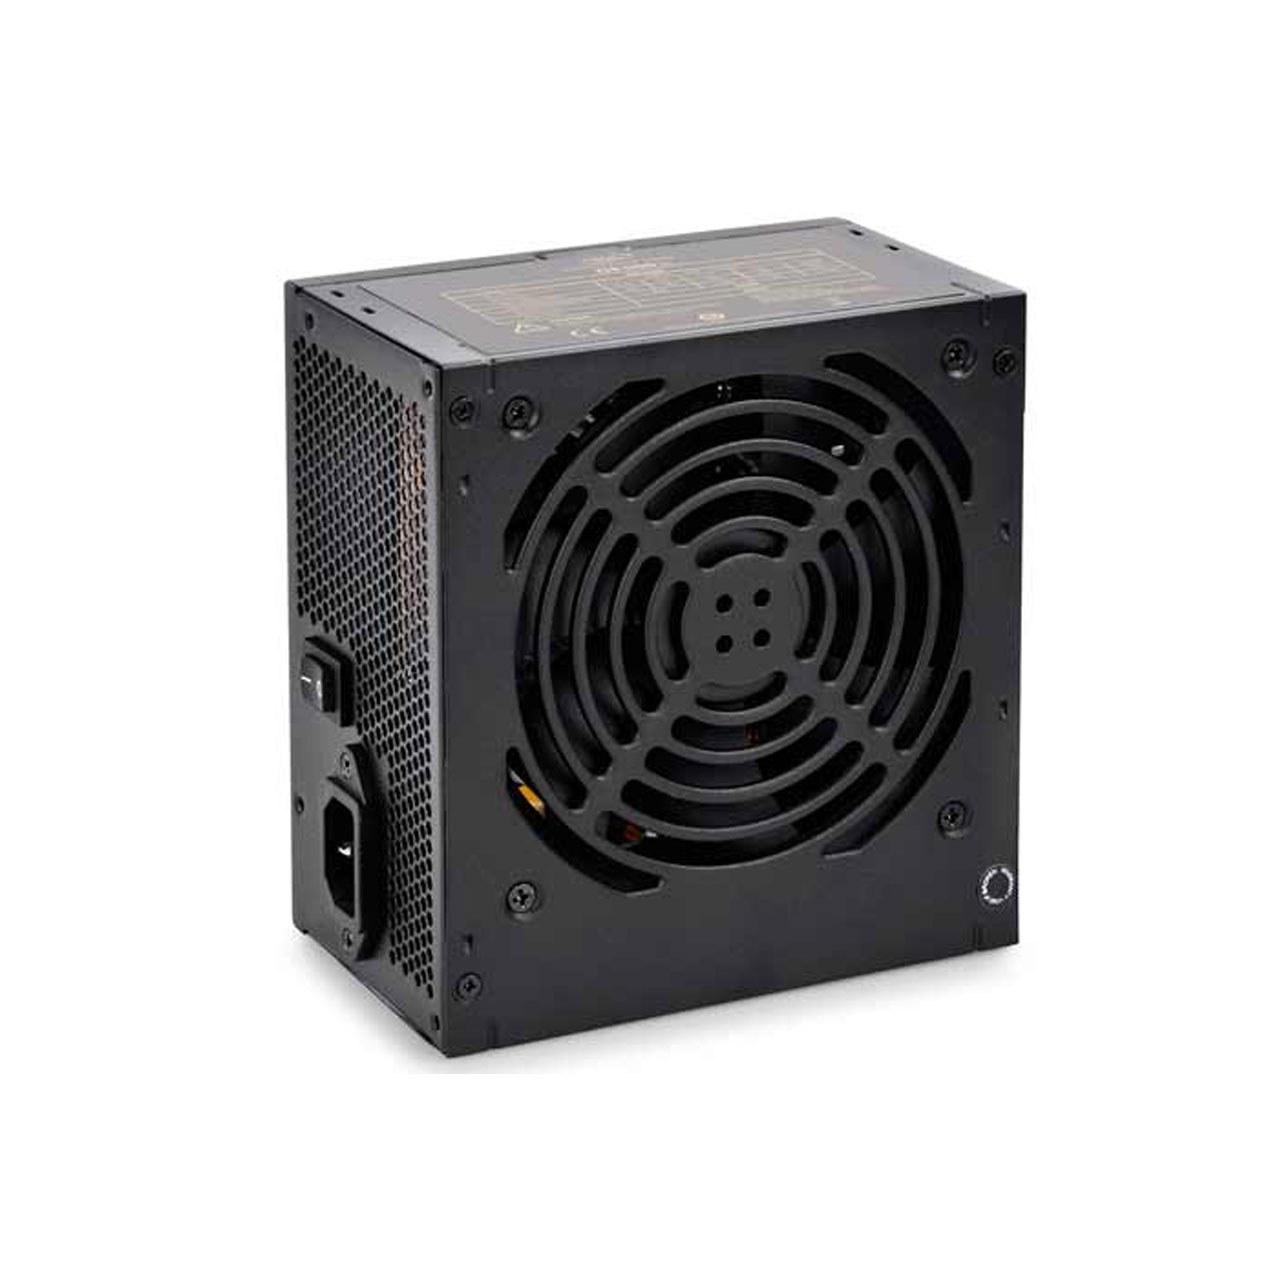 تصویر منبع تغذیه کامپیوتر دیپ کول مدل DE500